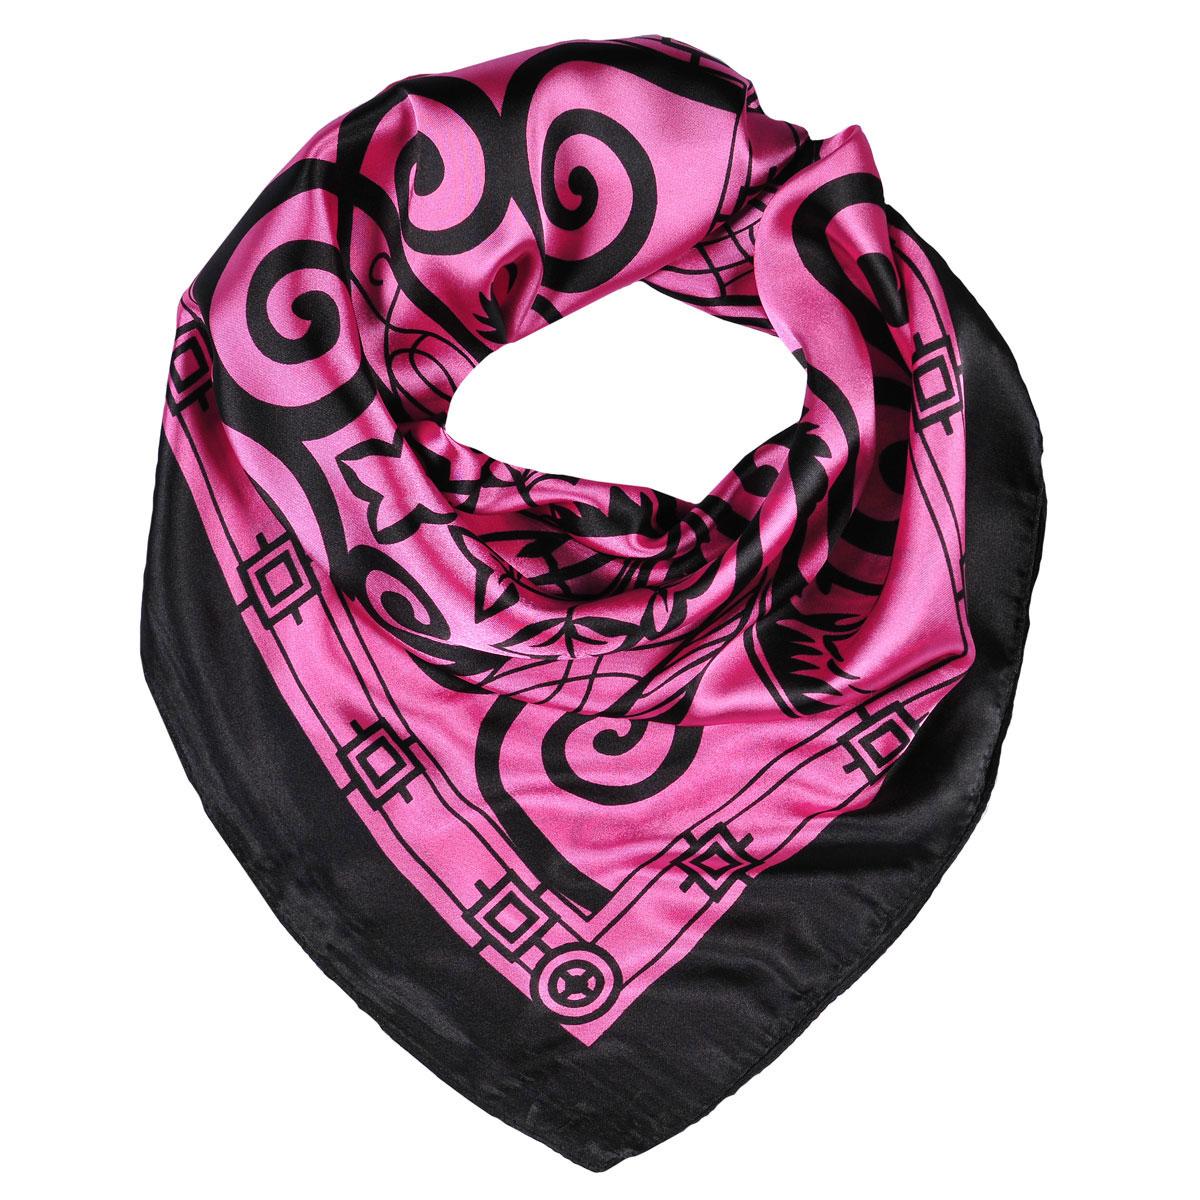 Шейный платок23/0427/115Легкий шейный платок с принтом Арабеска подчеркнет ваш стильный образ. Он выполнен из шелка и полиэстера. Легко и красиво драпируется. Этот модный аксессуар женского гардероба гармонично дополнит образ современной женщины, следящей за своим имиджем и стремящейся всегда оставаться стильной и элегантной.